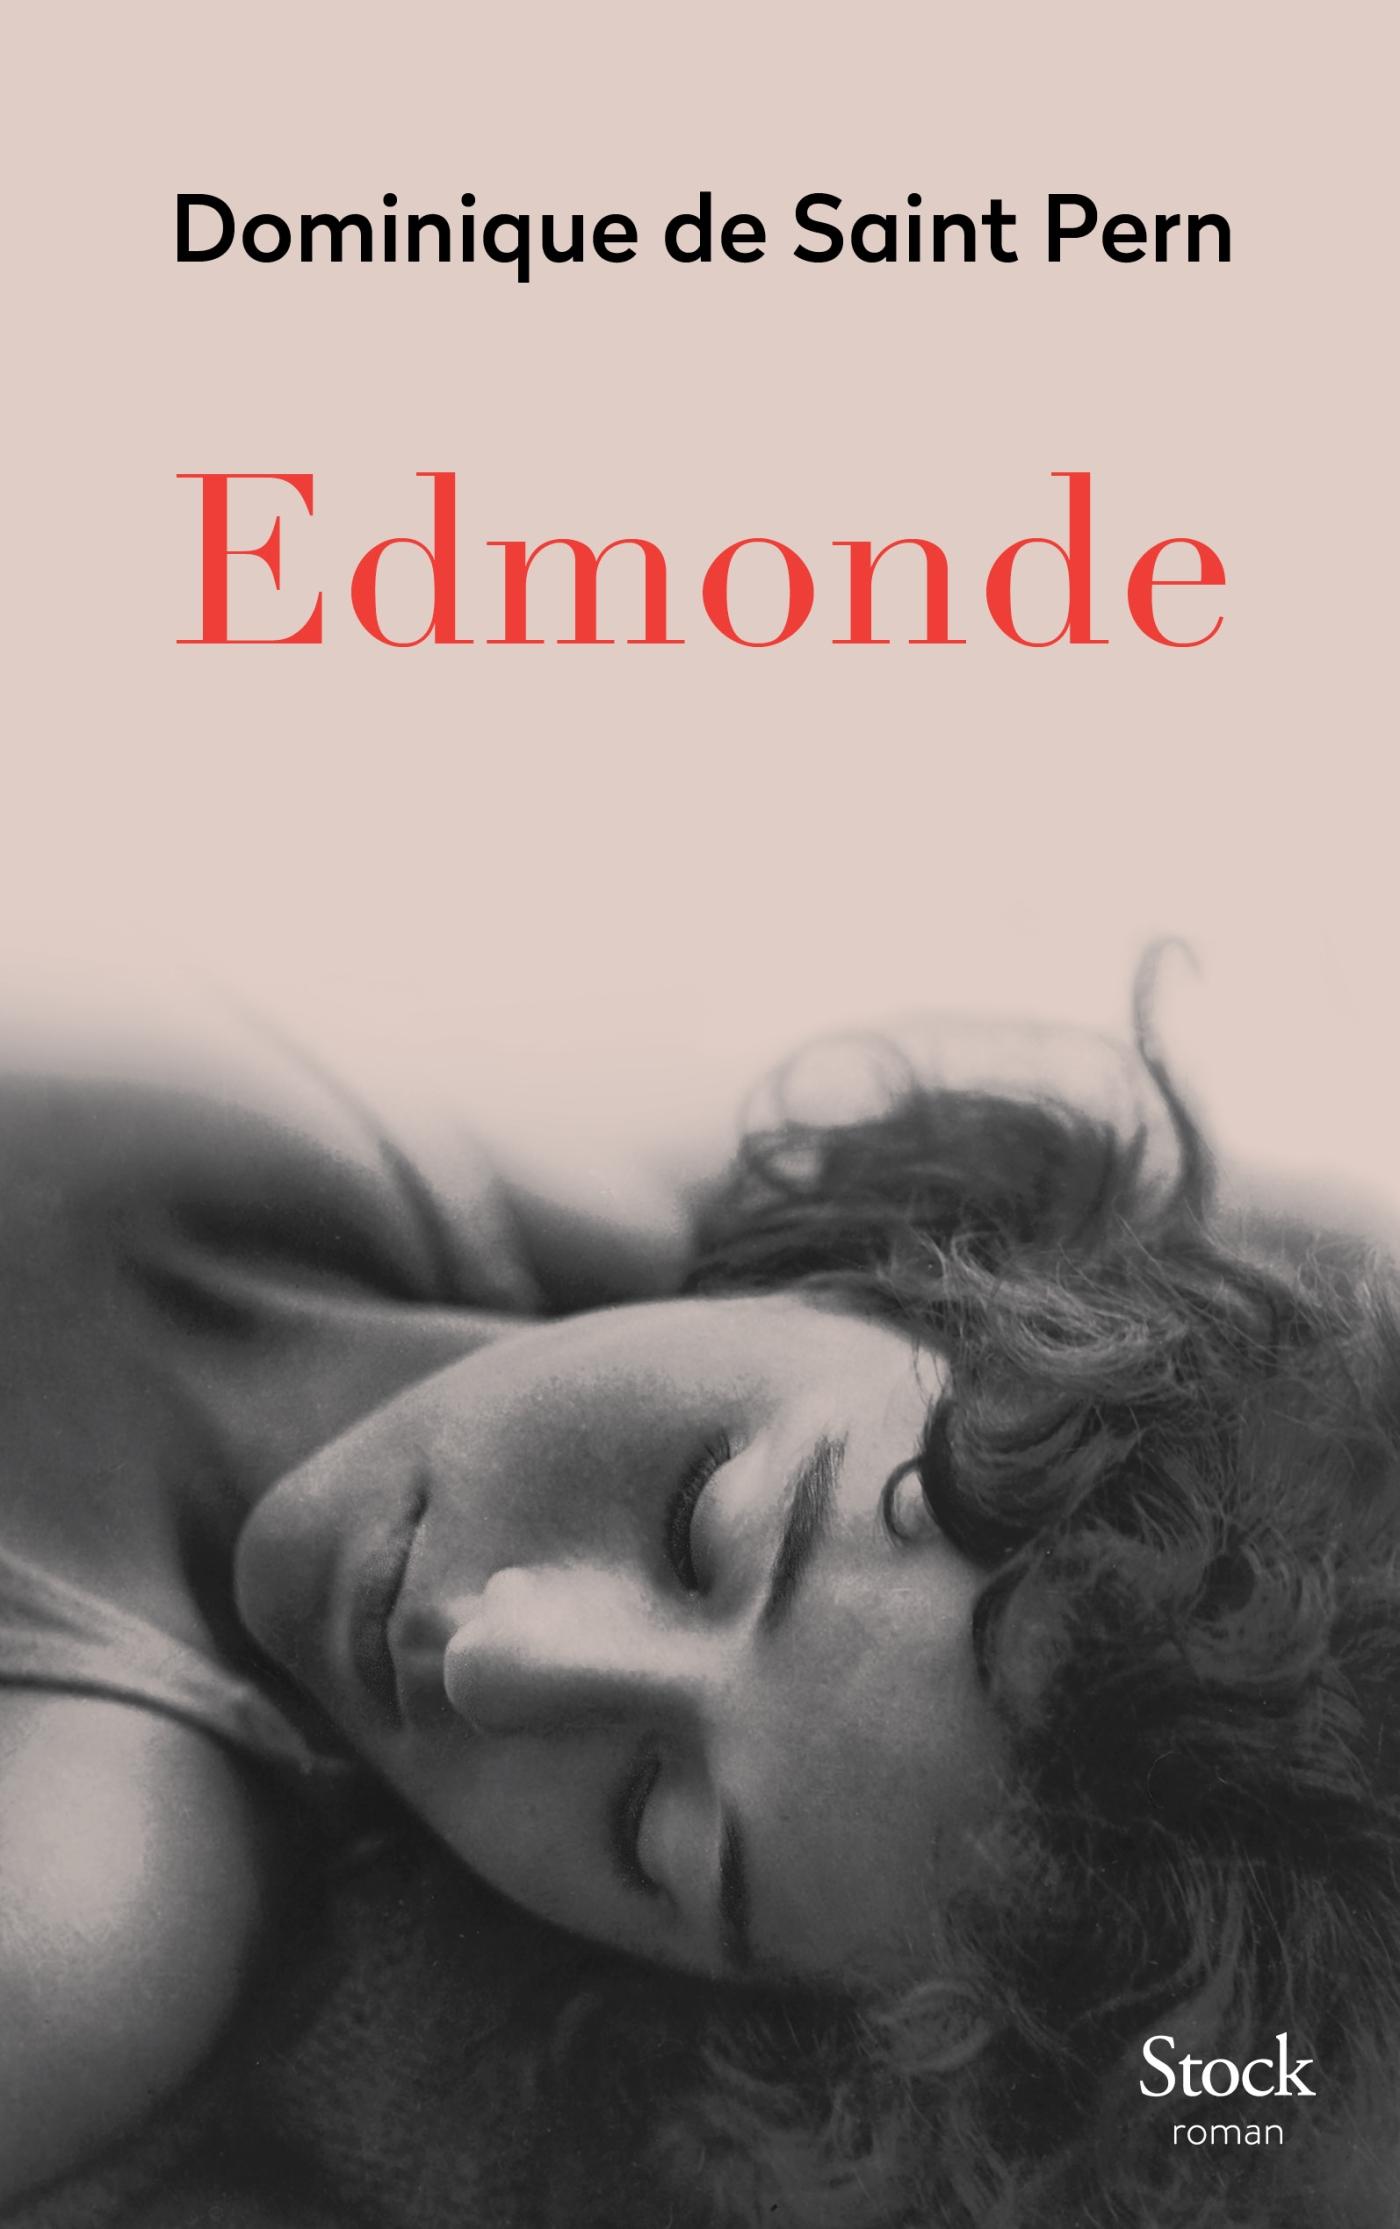 Edmonde | de Saint Pern, Dominique. Auteur